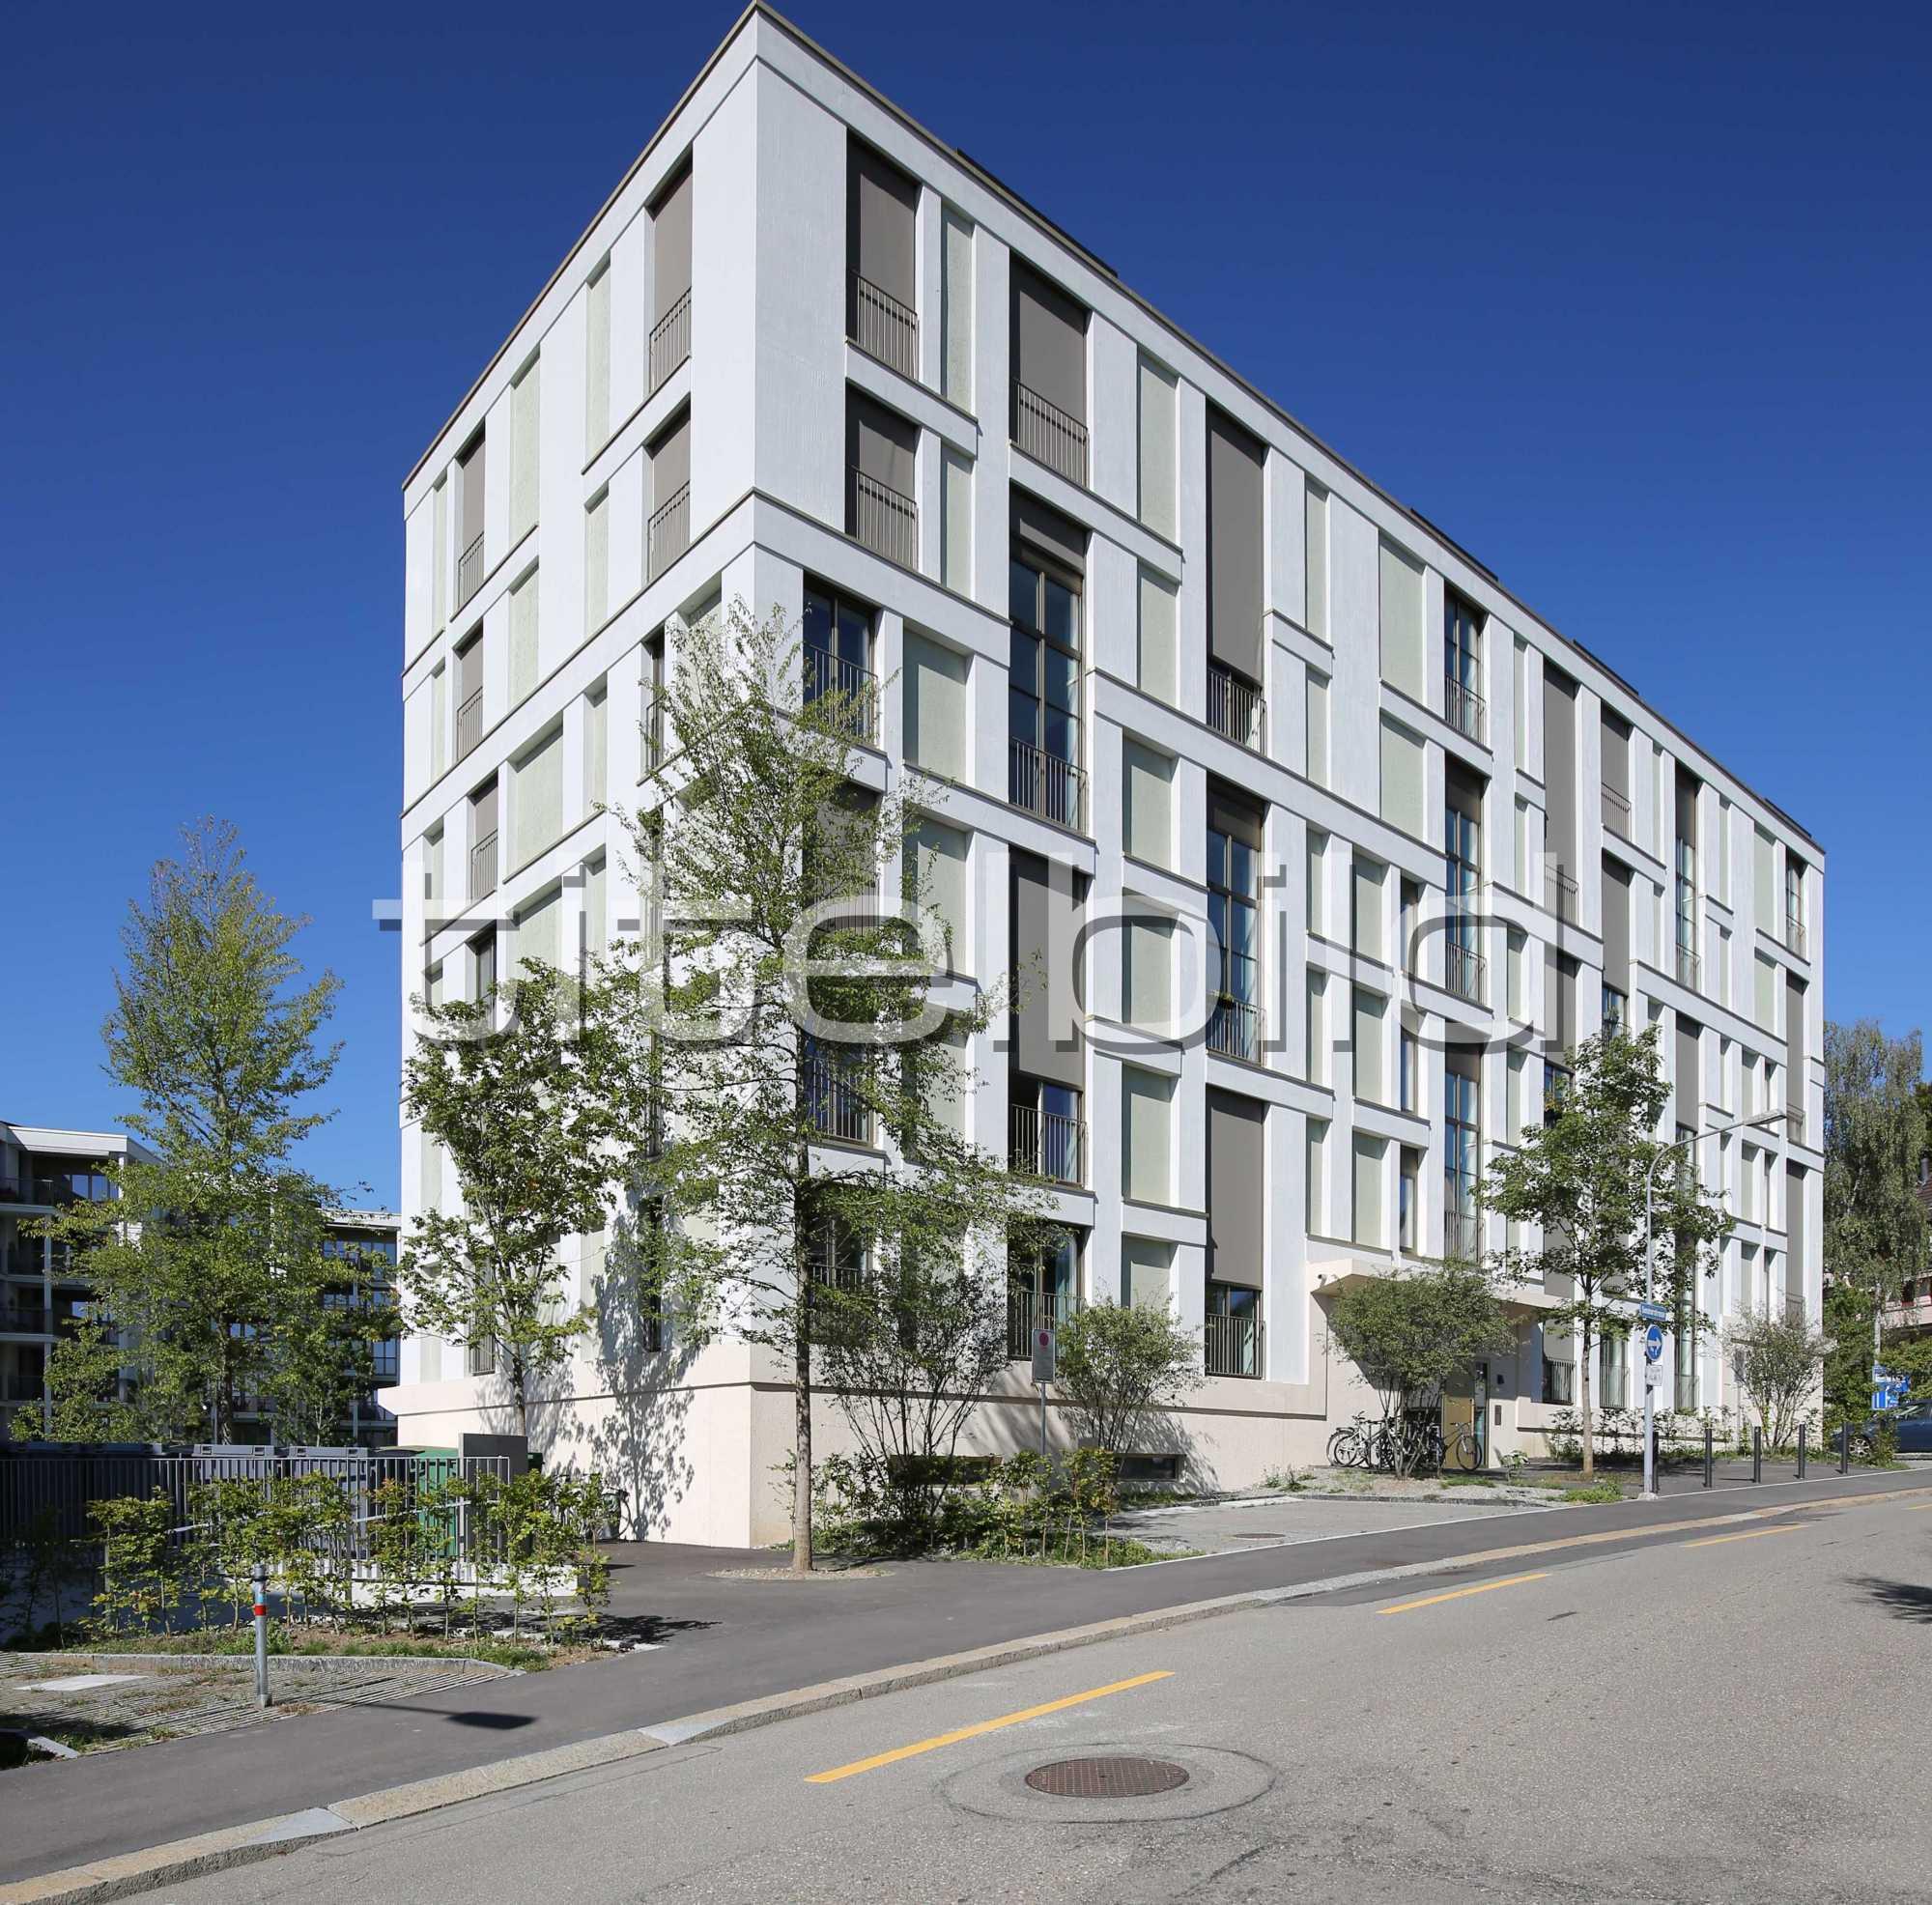 Projektbild-Nr. 4: Siedlung Buchegg